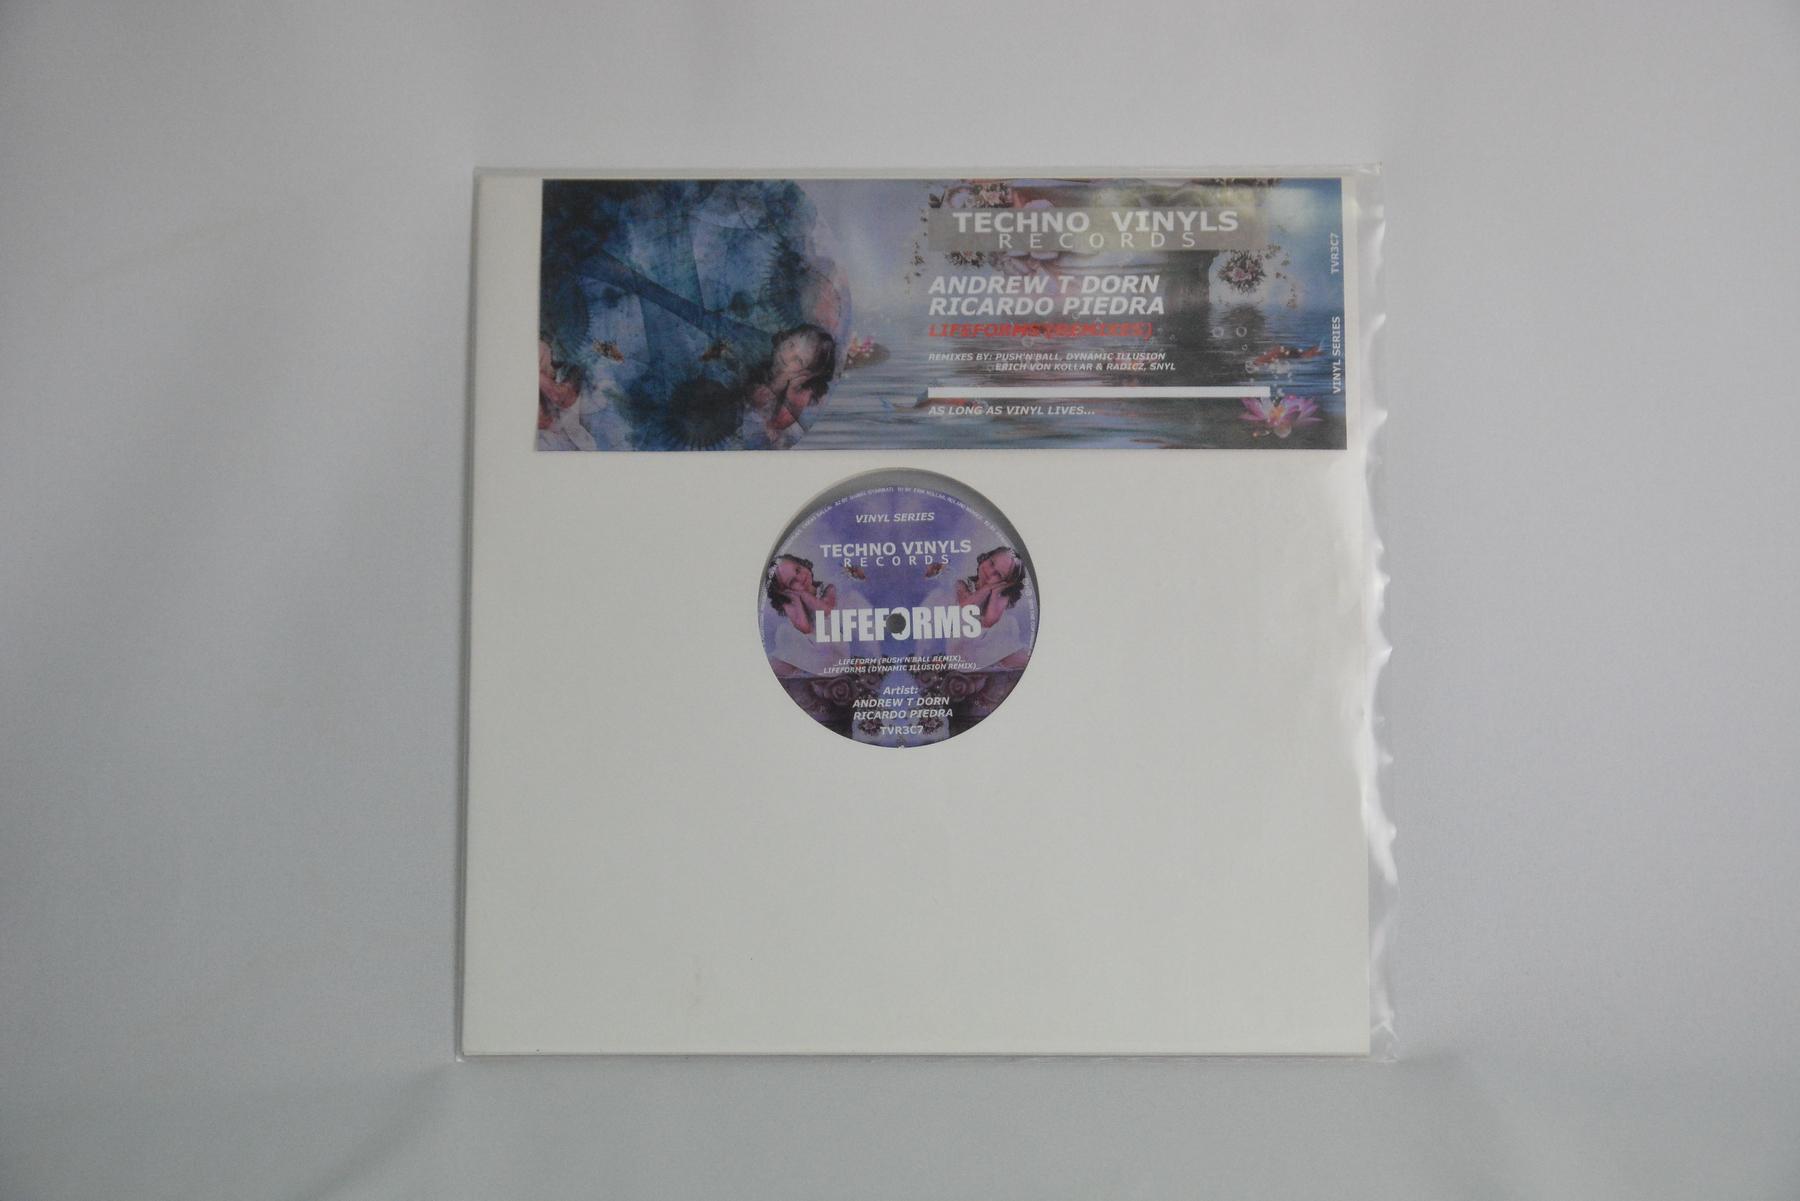 Andrew T Dorn & Ricardo Piedra – Lifeforms (Remixes) EP